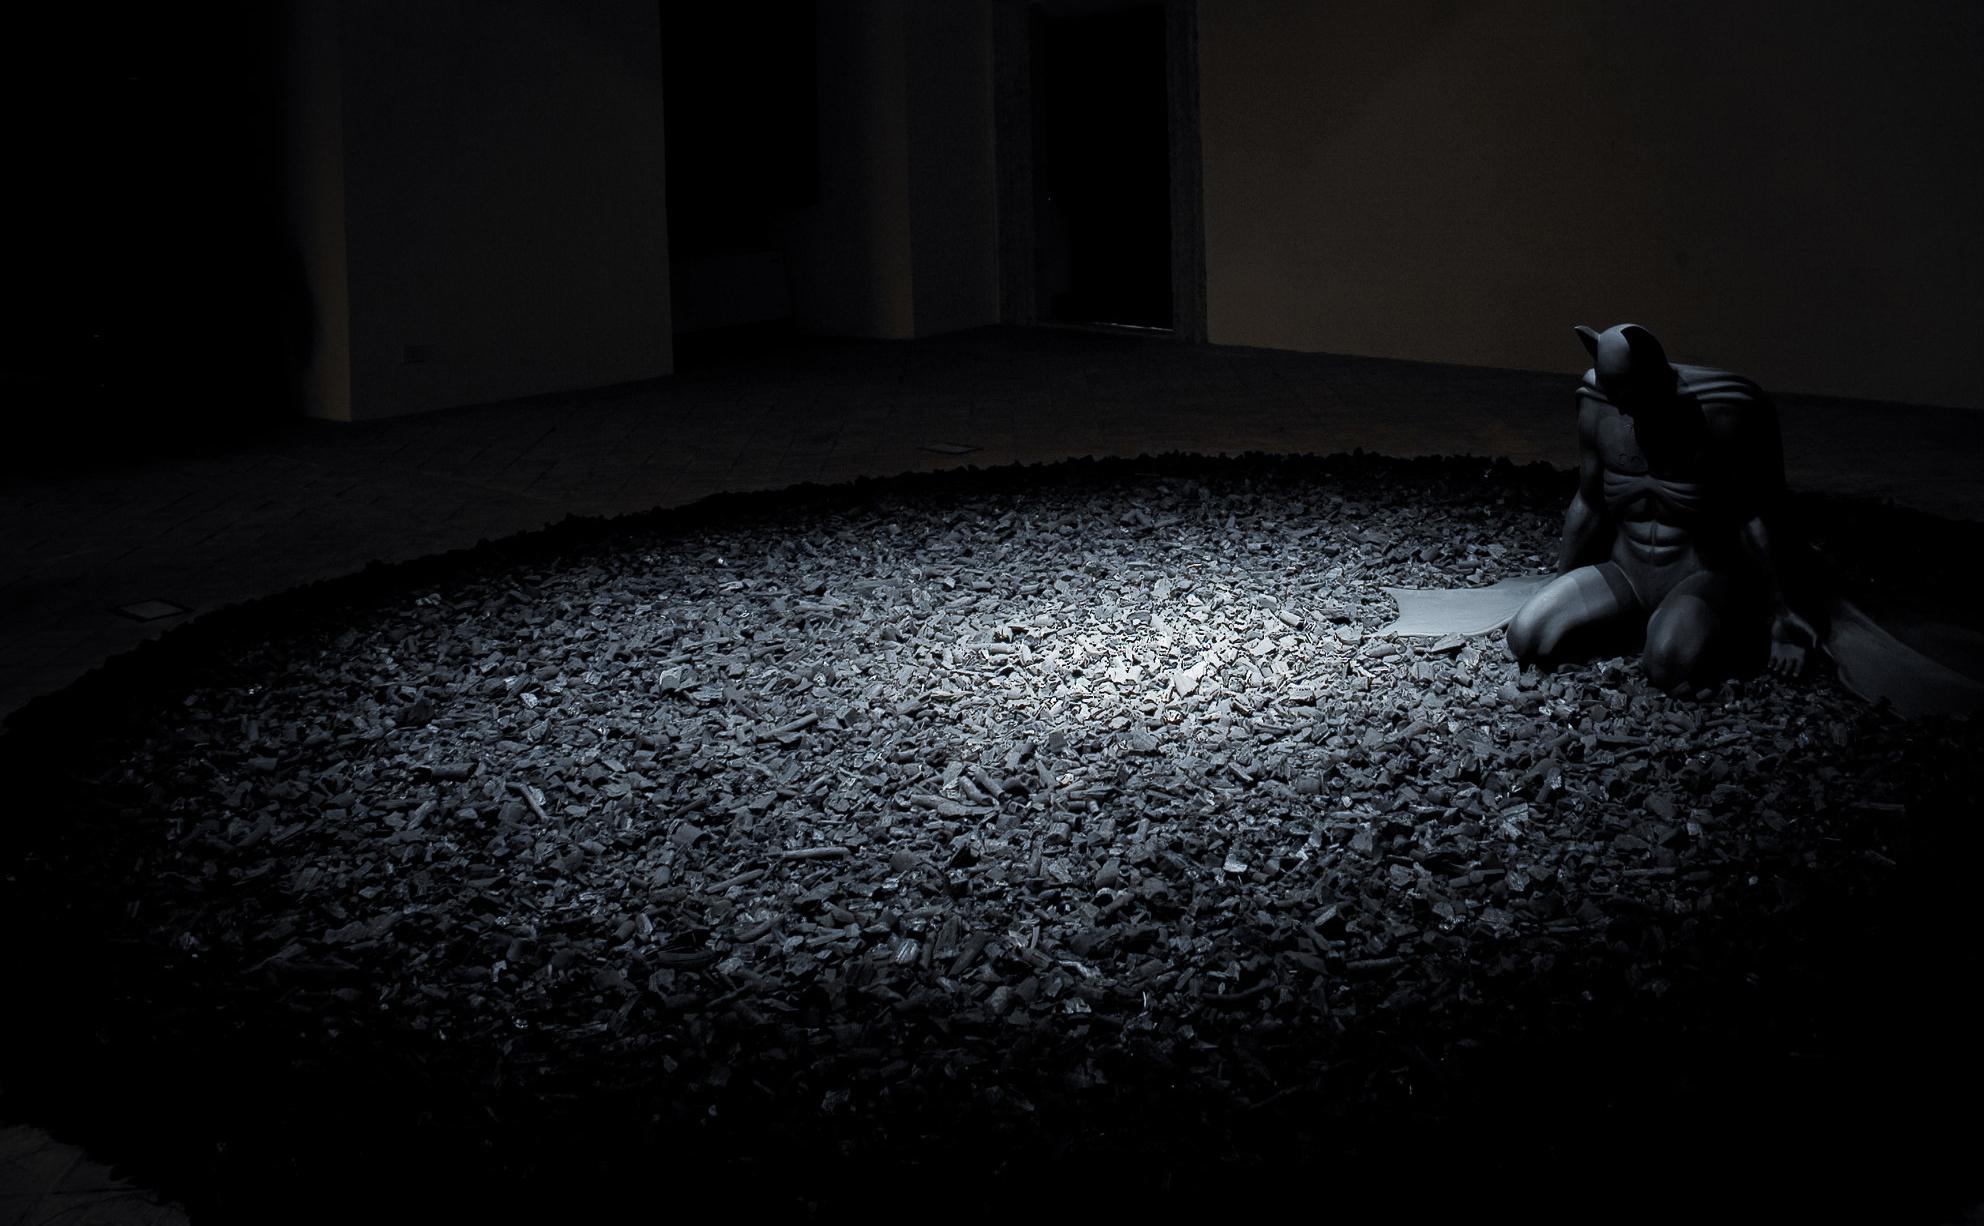 Back in Black , 2005 . GNAM - Galleria Nazionale d'Arte Moderna, Rome 2006. Photo: Studio Adrian Tranquilli